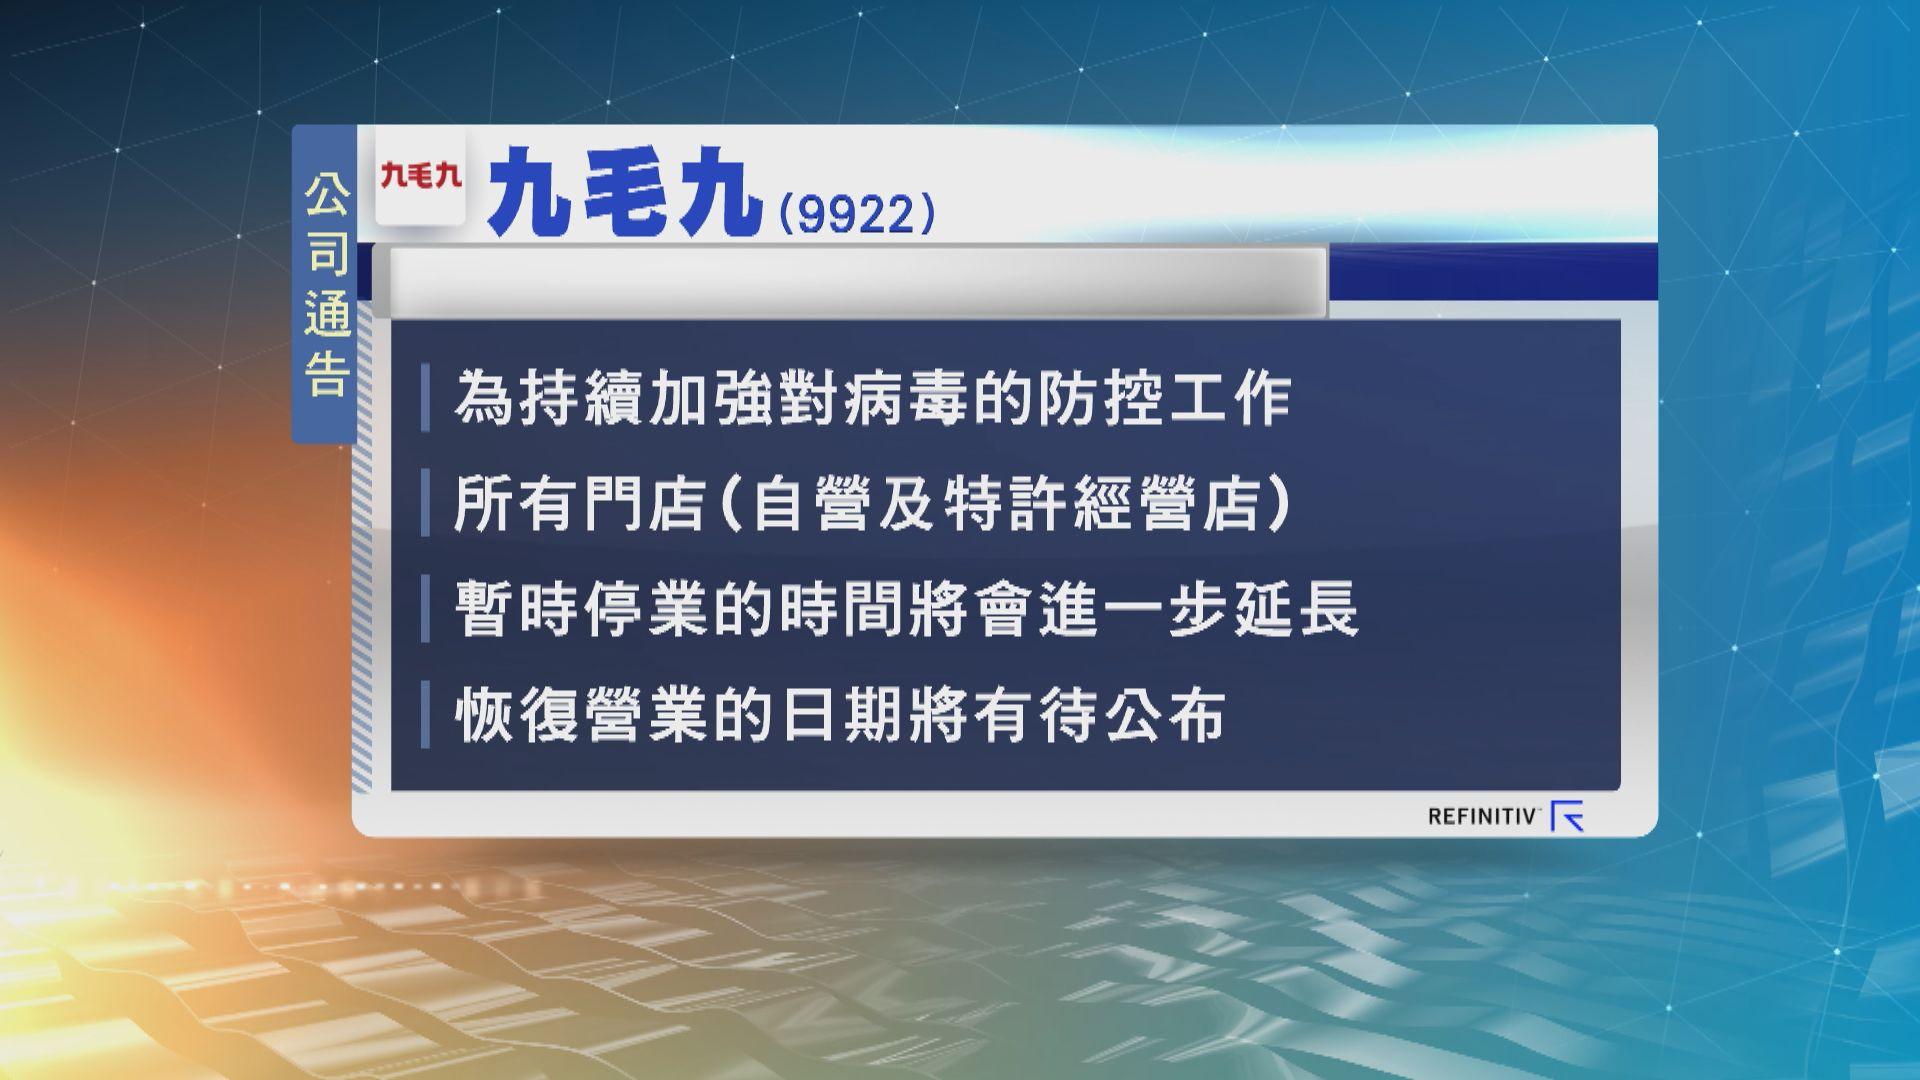 在內地經營食肆的九毛九宣布進一步延長停業